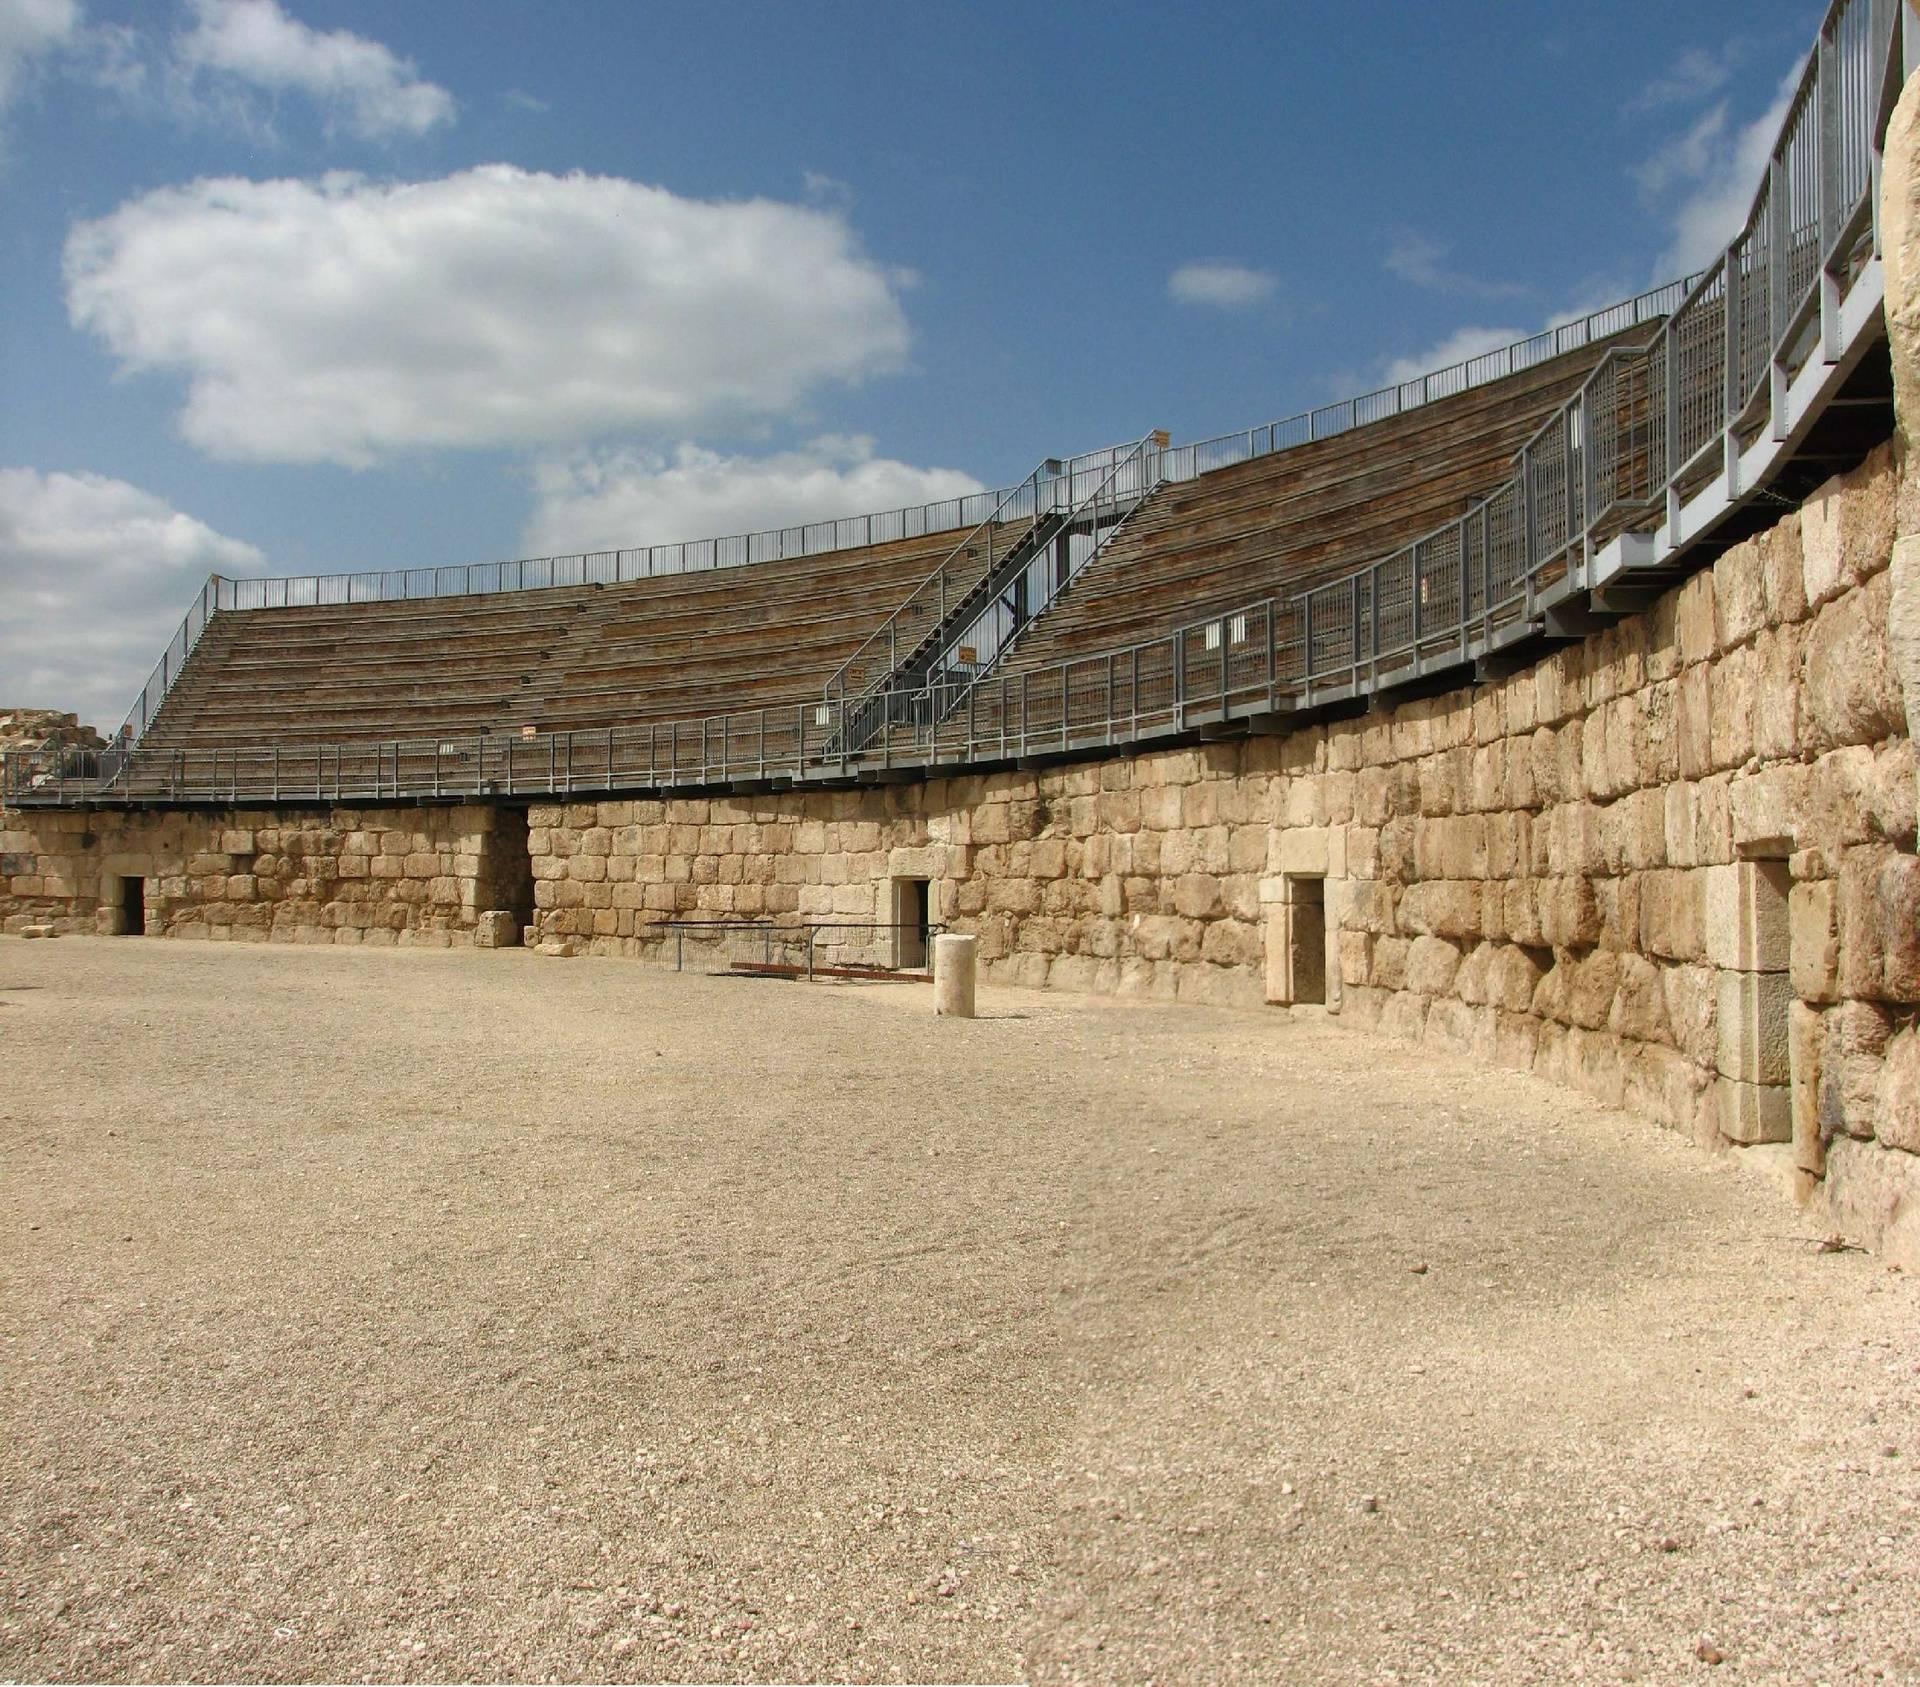 Roman Amphitheater 2